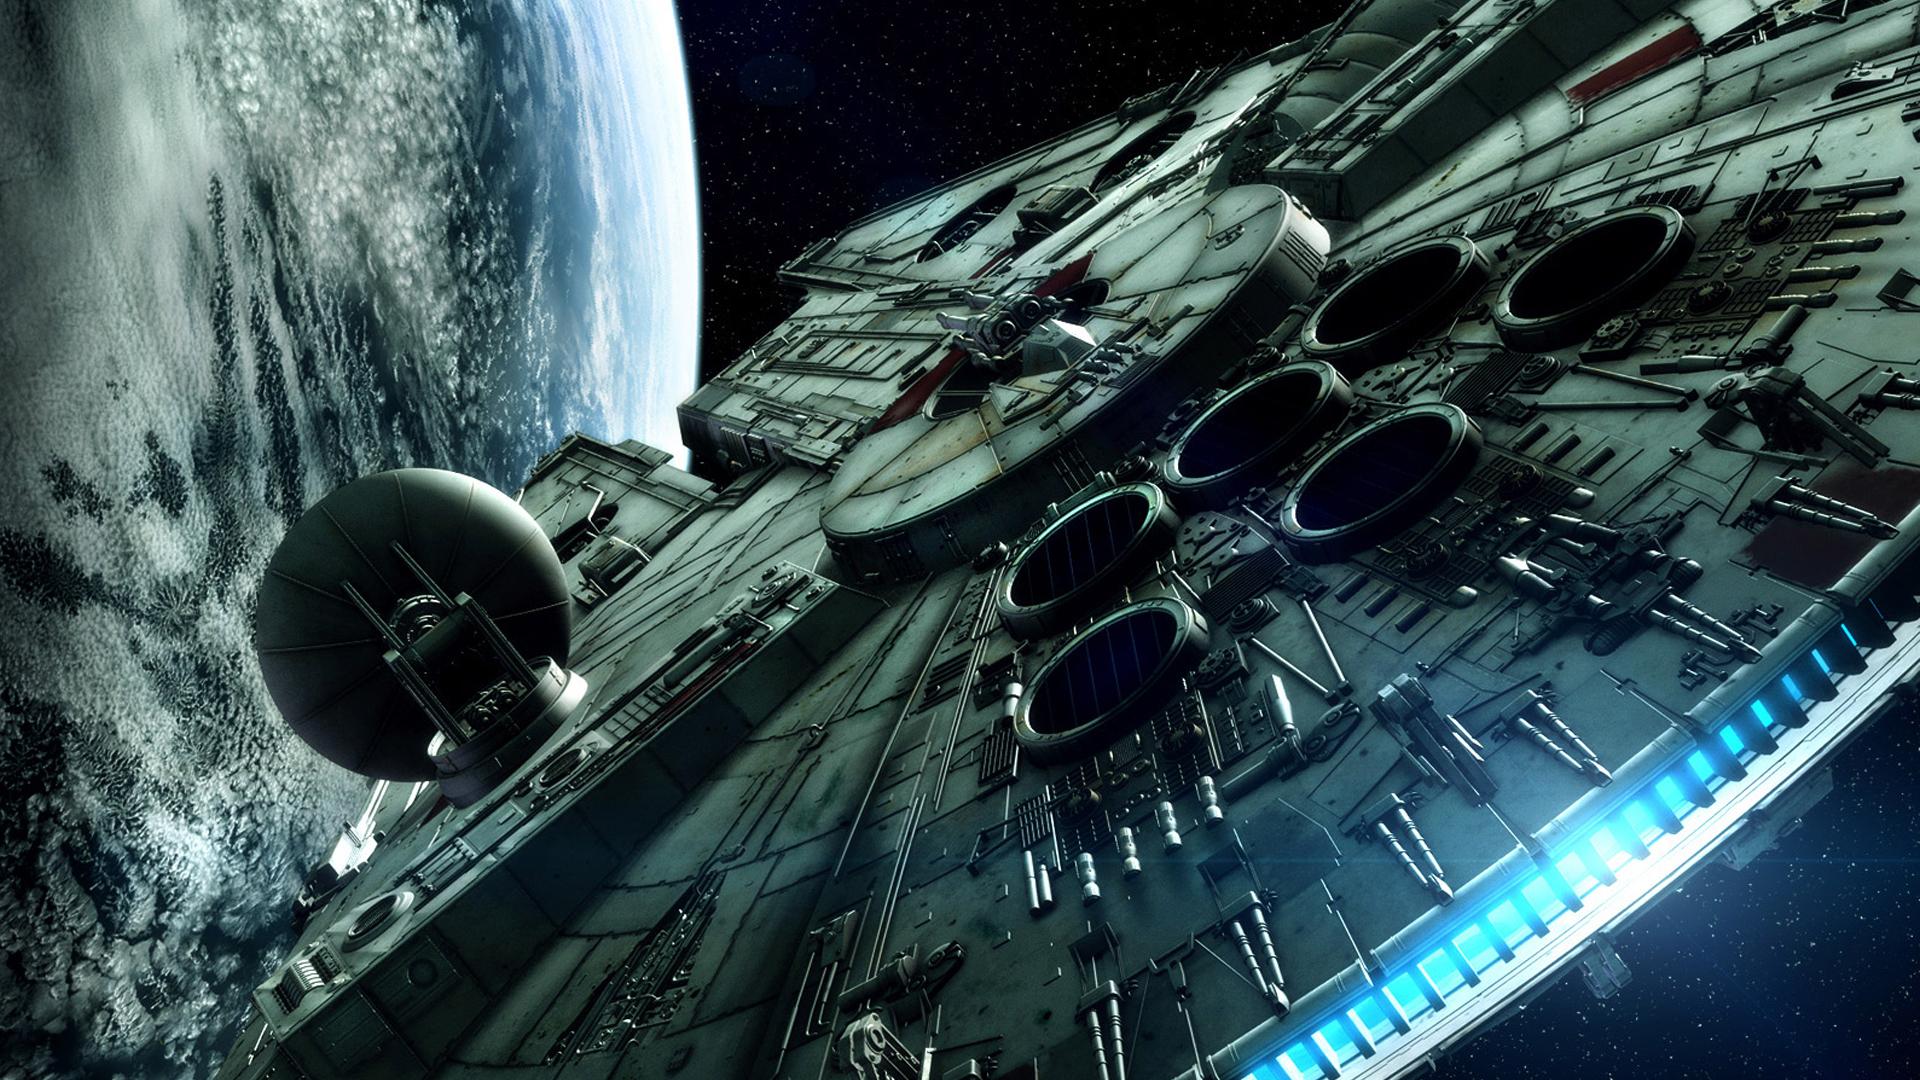 cran hd jeux vido star wars   Star wars video games hd wallpapers 1920x1080